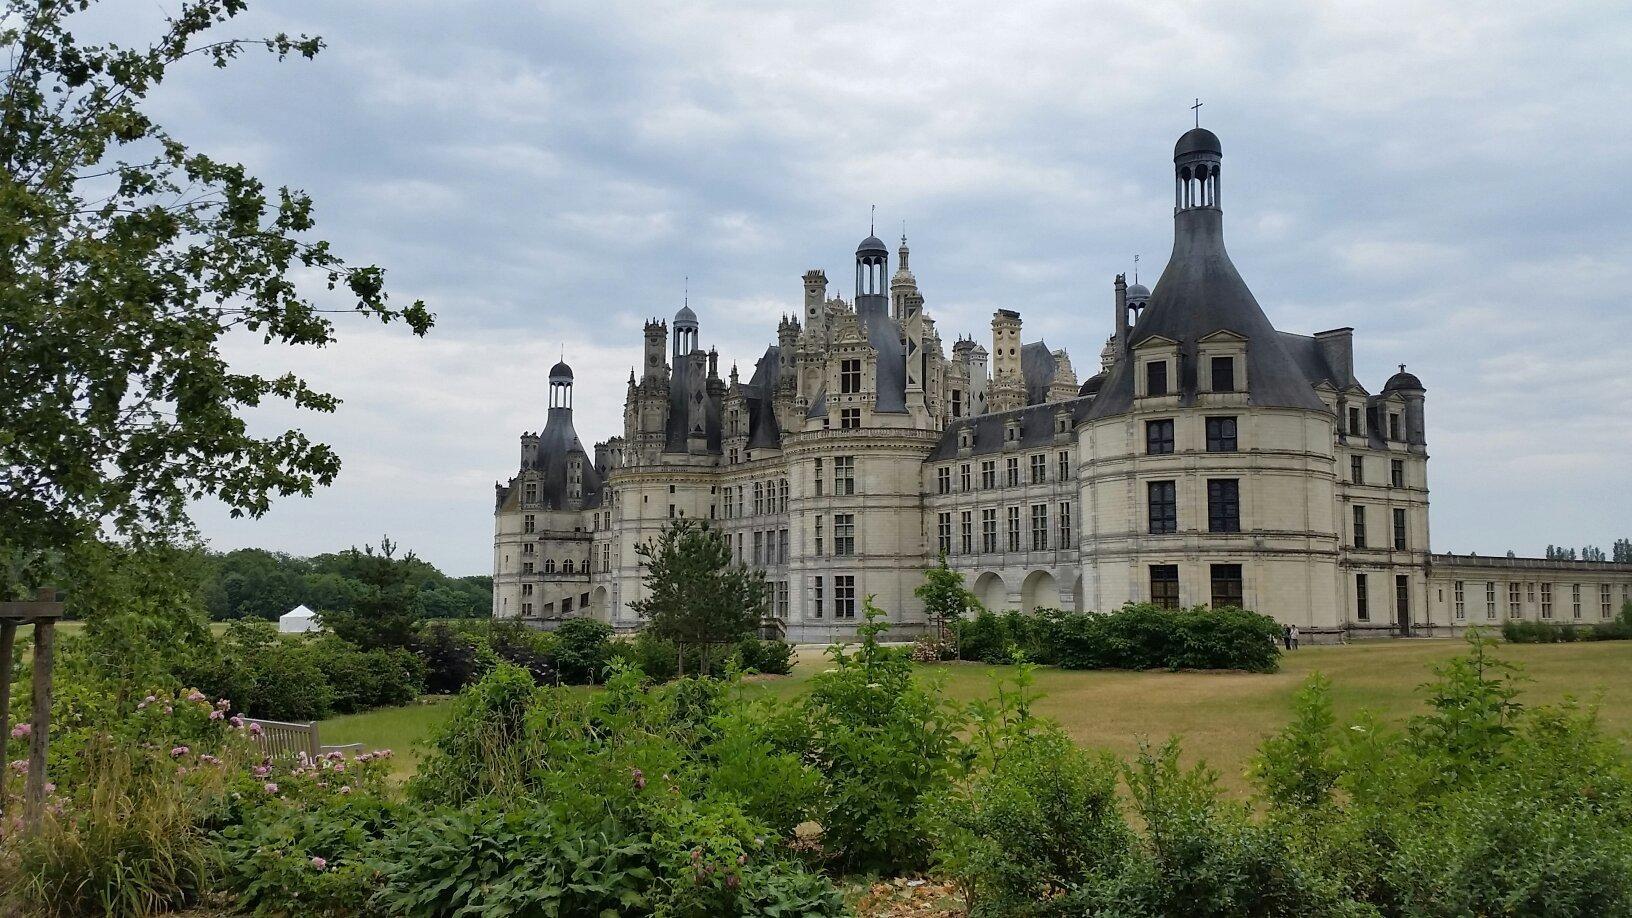 Office De Tourisme De Blois Chambord Trip Advisor Loire France Travel